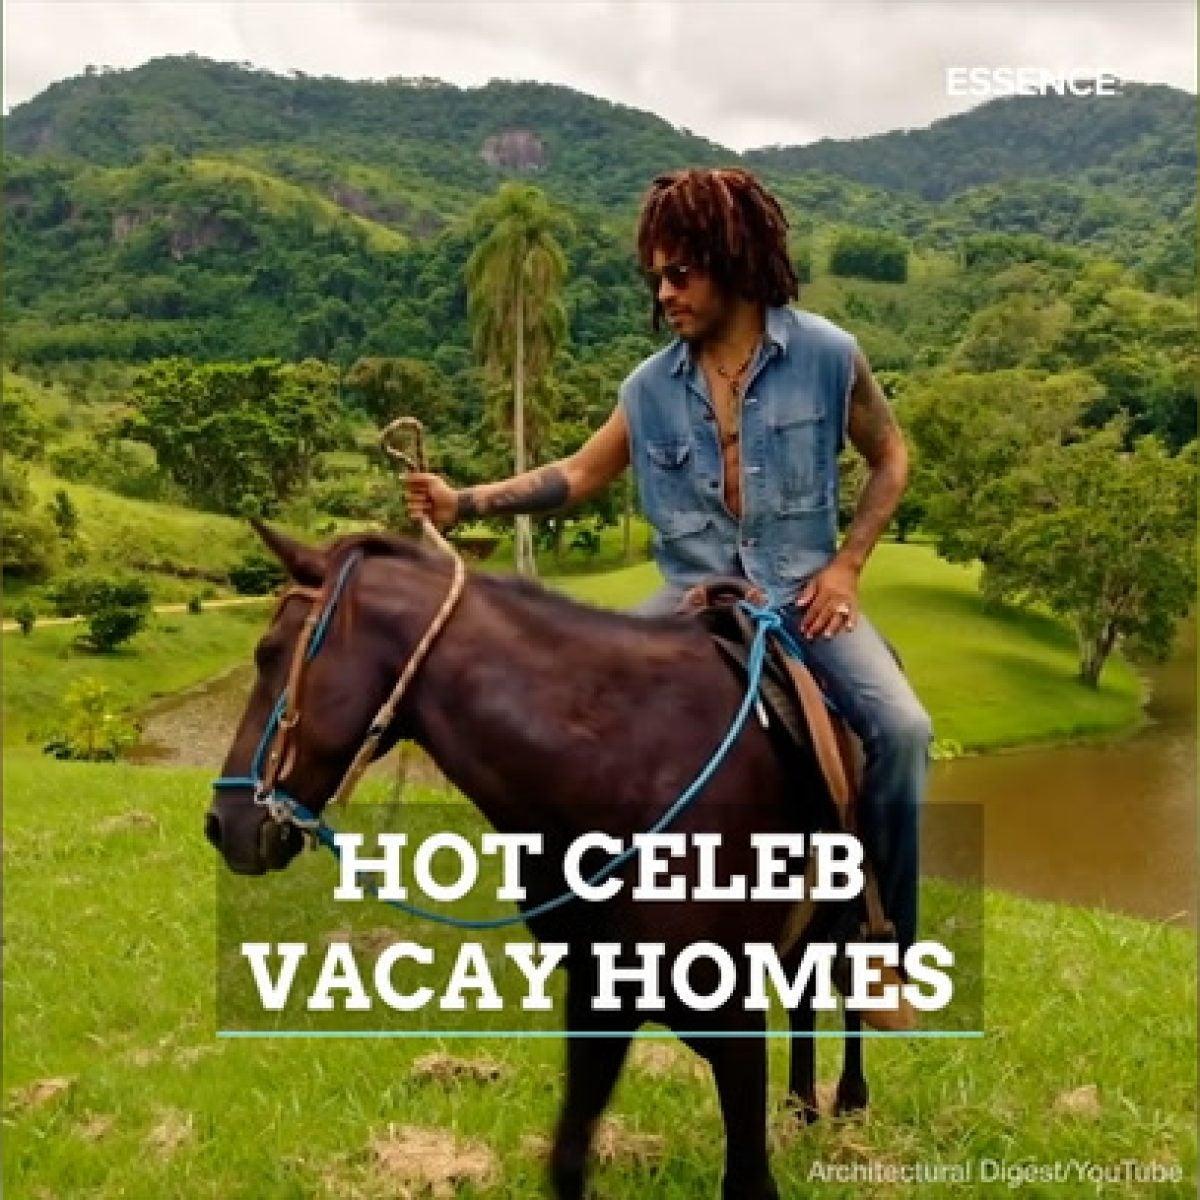 In My Feed | Hot Celeb Vacay Homes